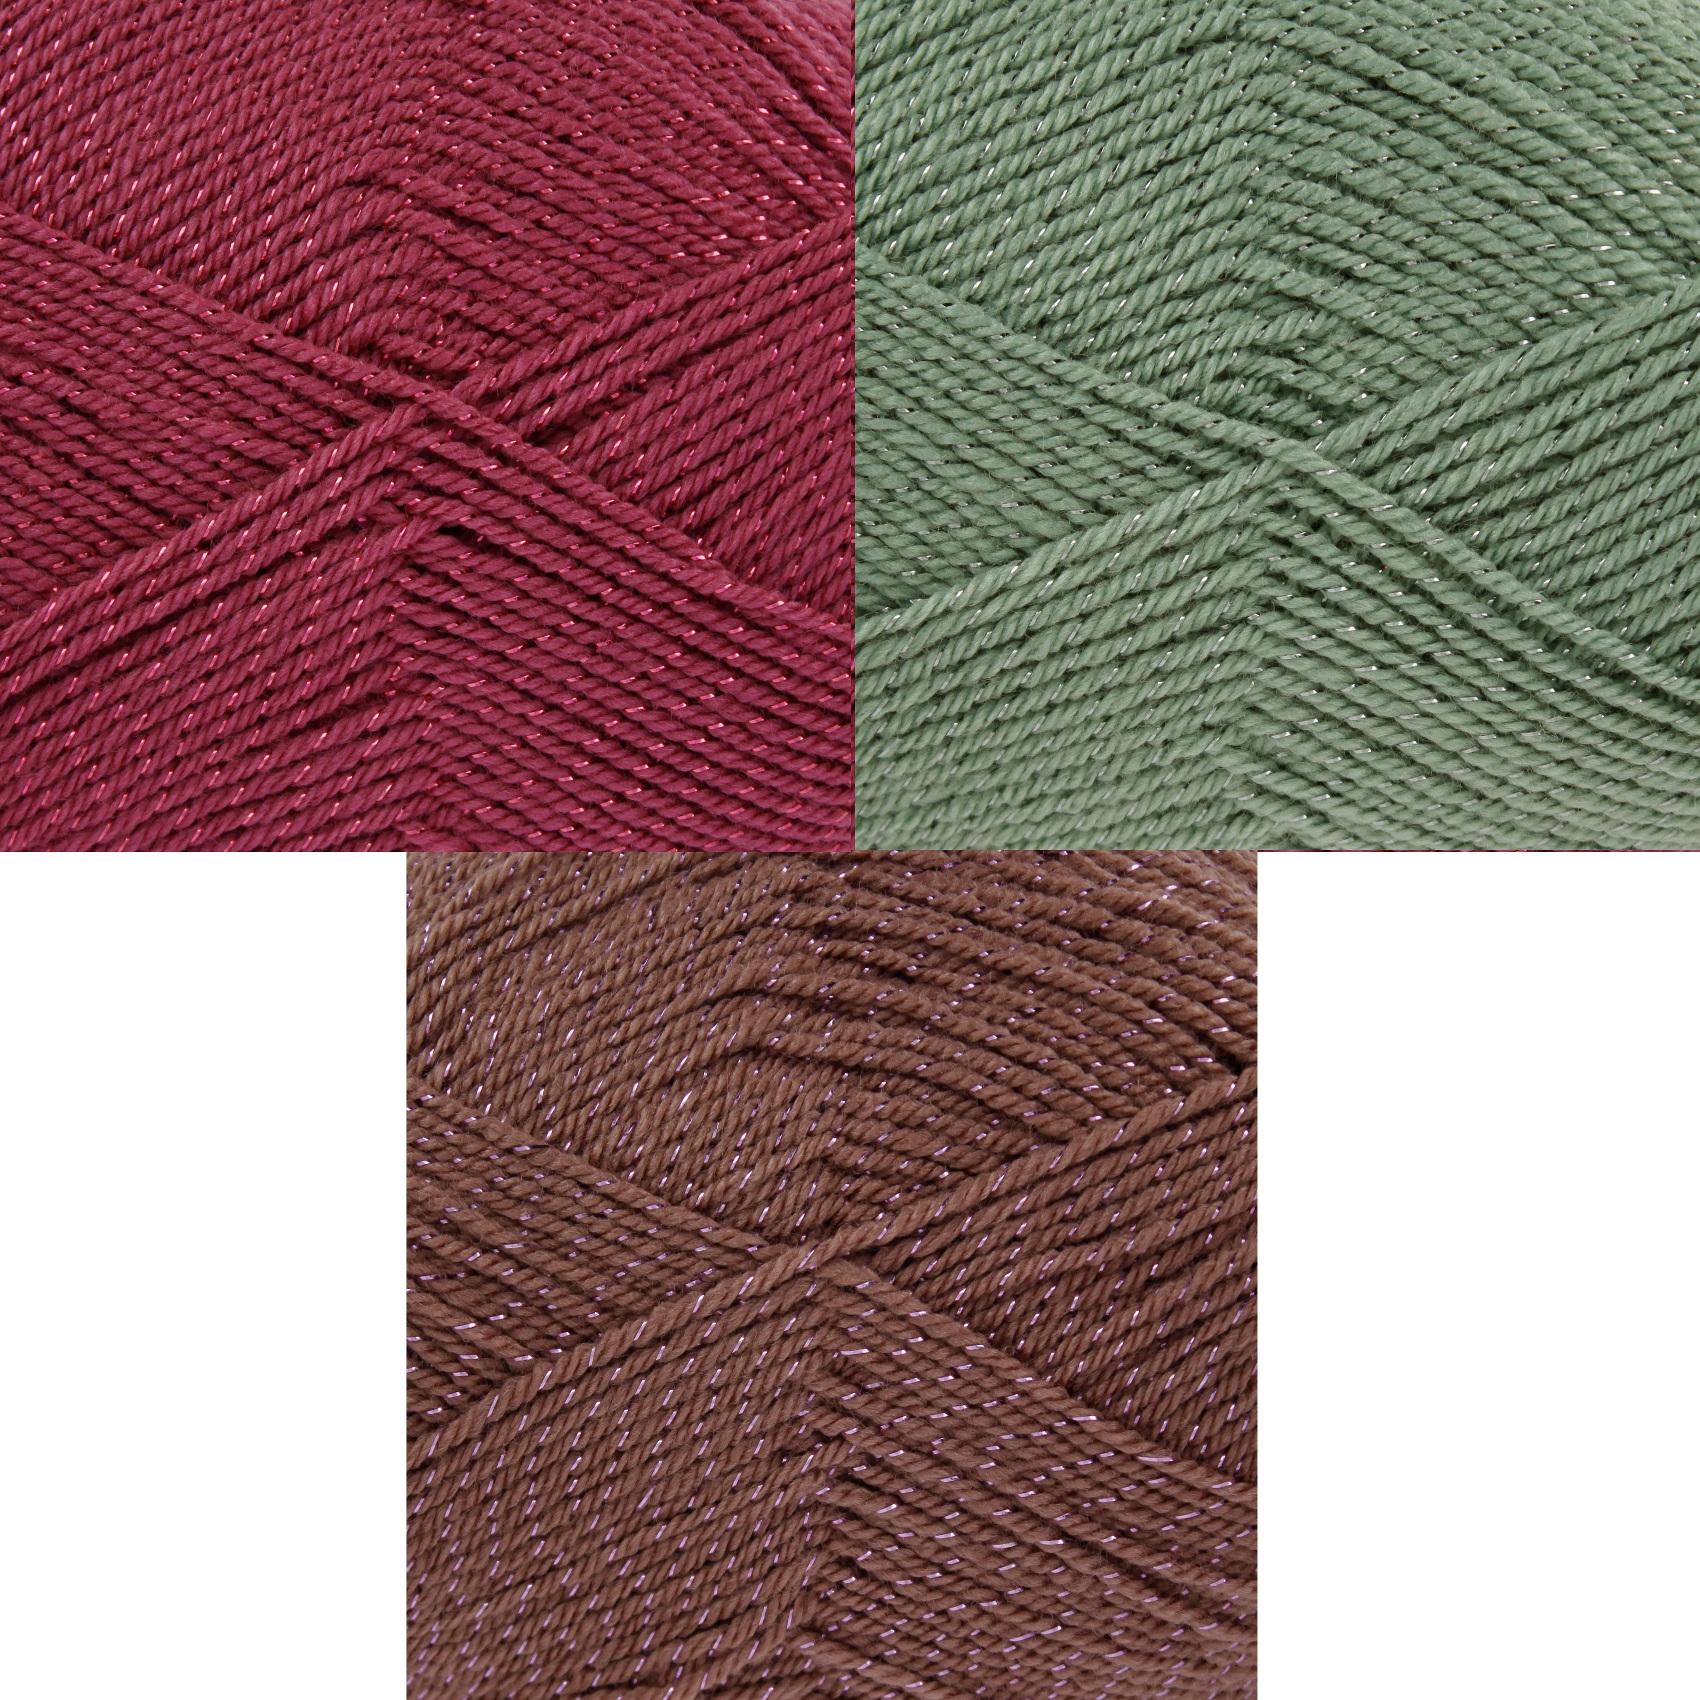 Free King Cole Knitting Patterns : 100g Ball King Cole Glitz DK Free Knitting Pattern Acrylic Sparkly Glitter Ya...